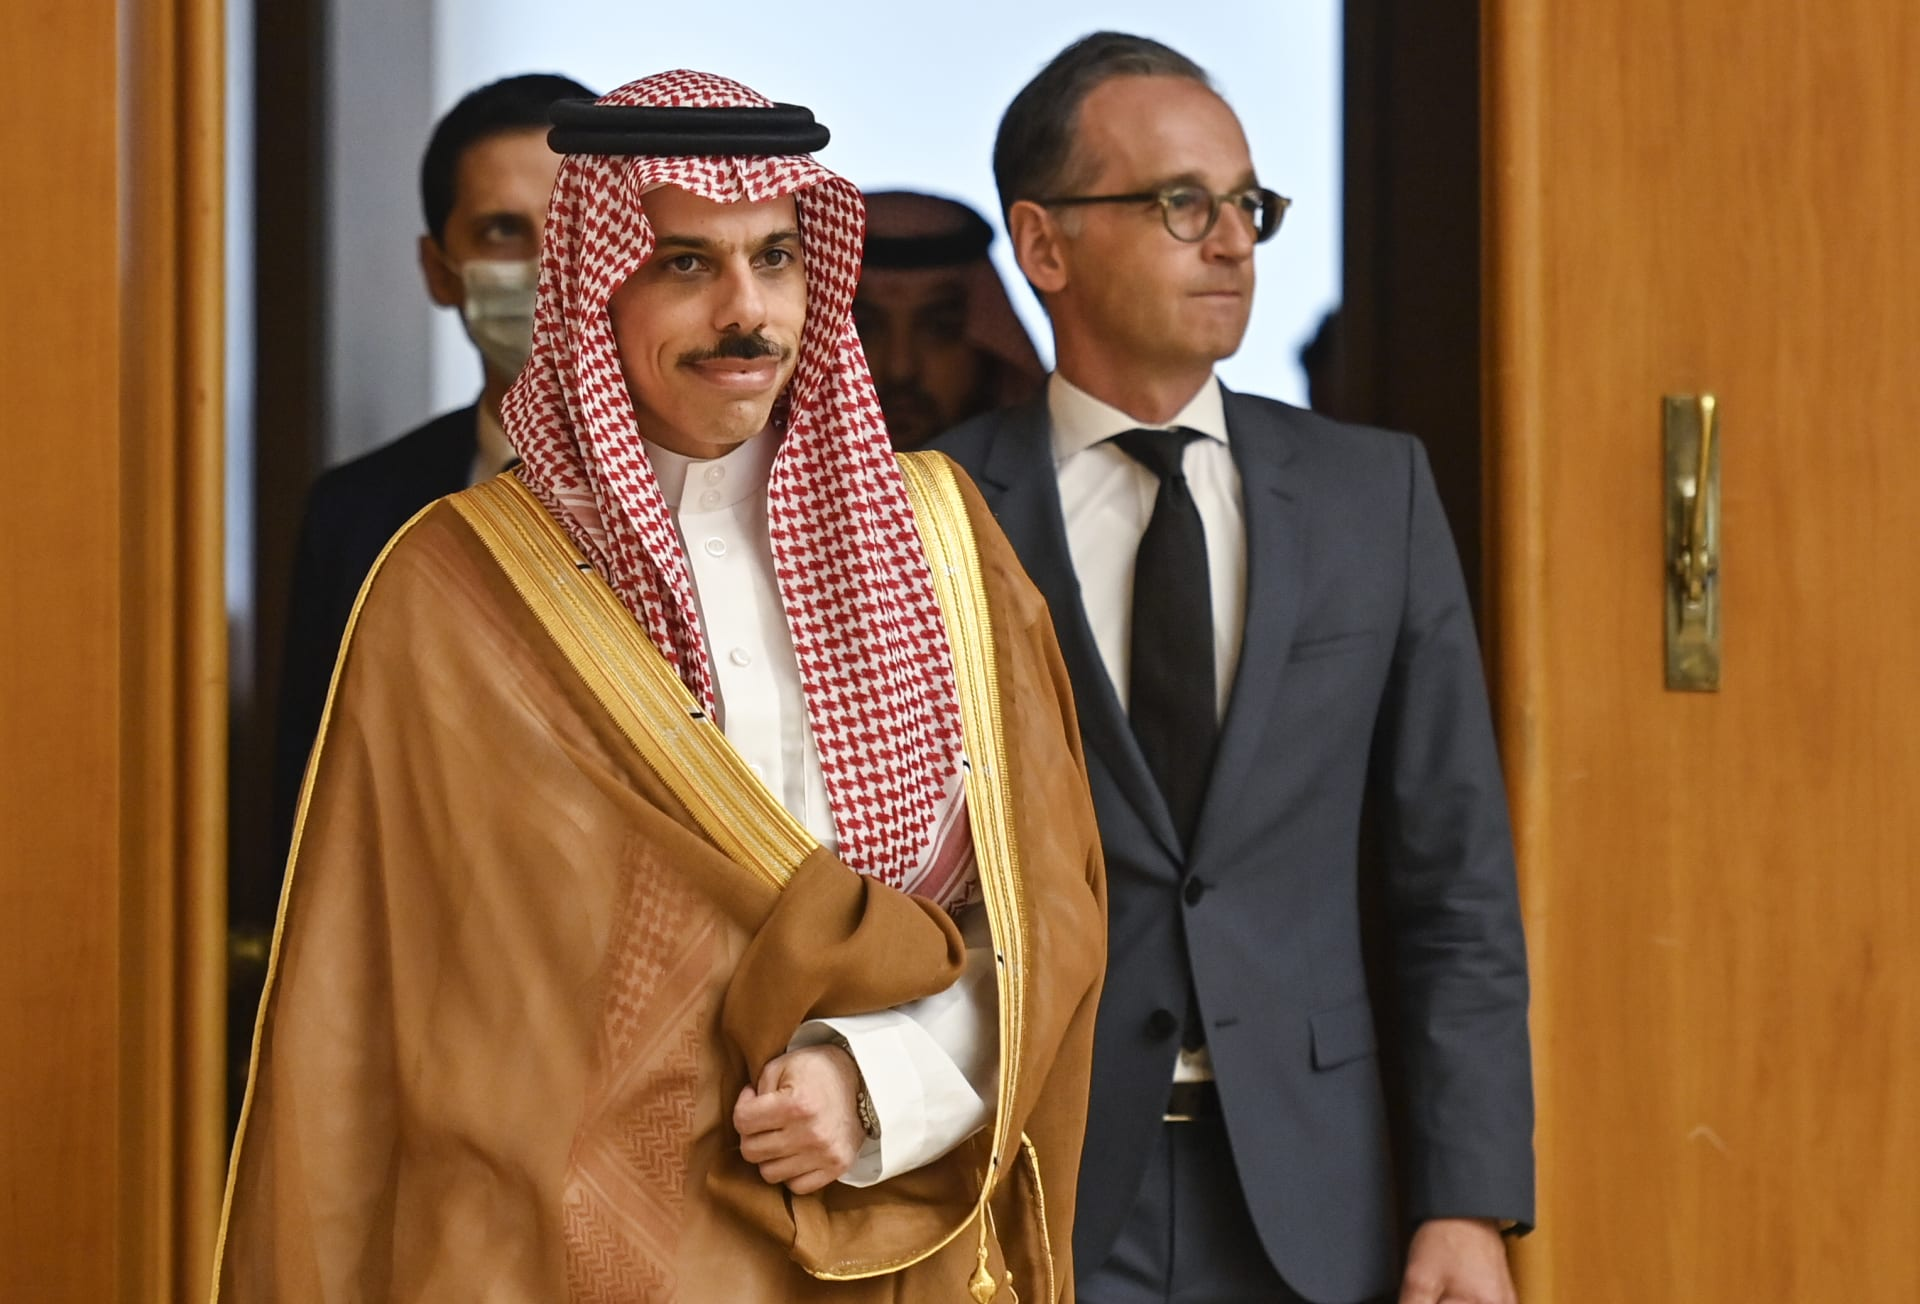 وزير خارجية السعودية: ملتزمون بخيار السلام بشروط ونقدر أي جهود لتعزيزه